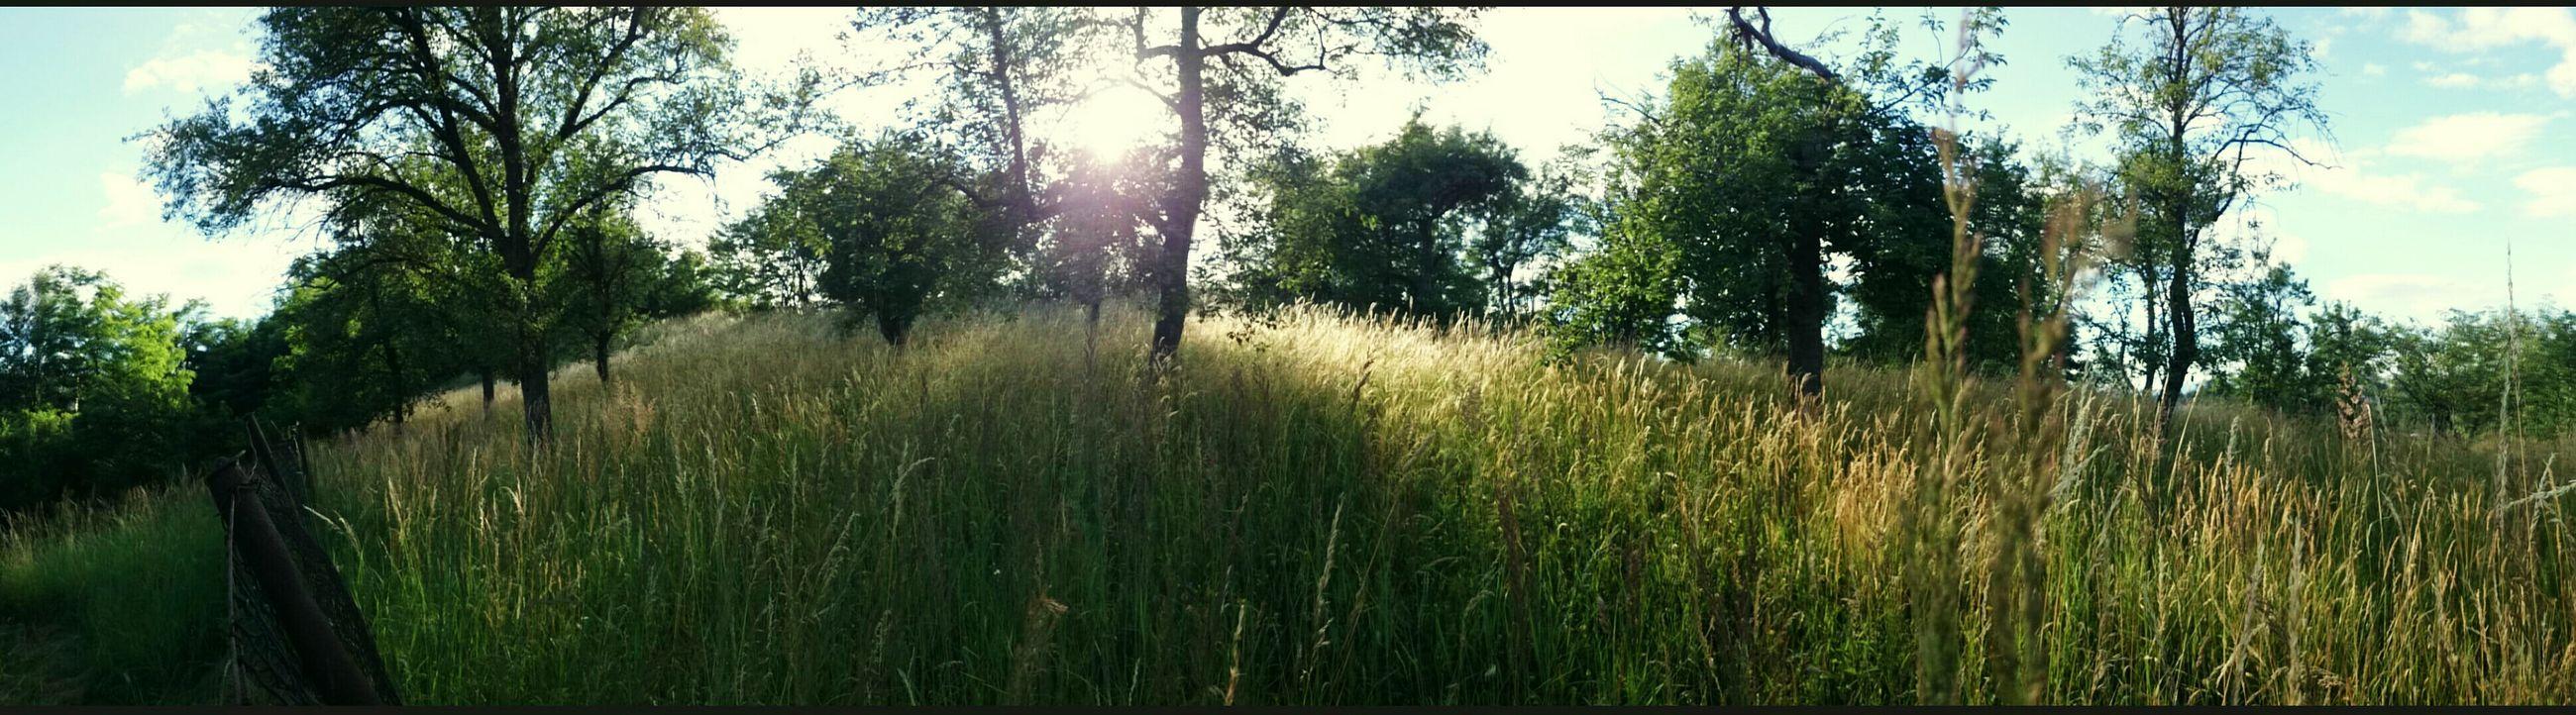 Panoramic Photography Taking Photos Relaxing Nature Grass Sunset Beautiful Nature